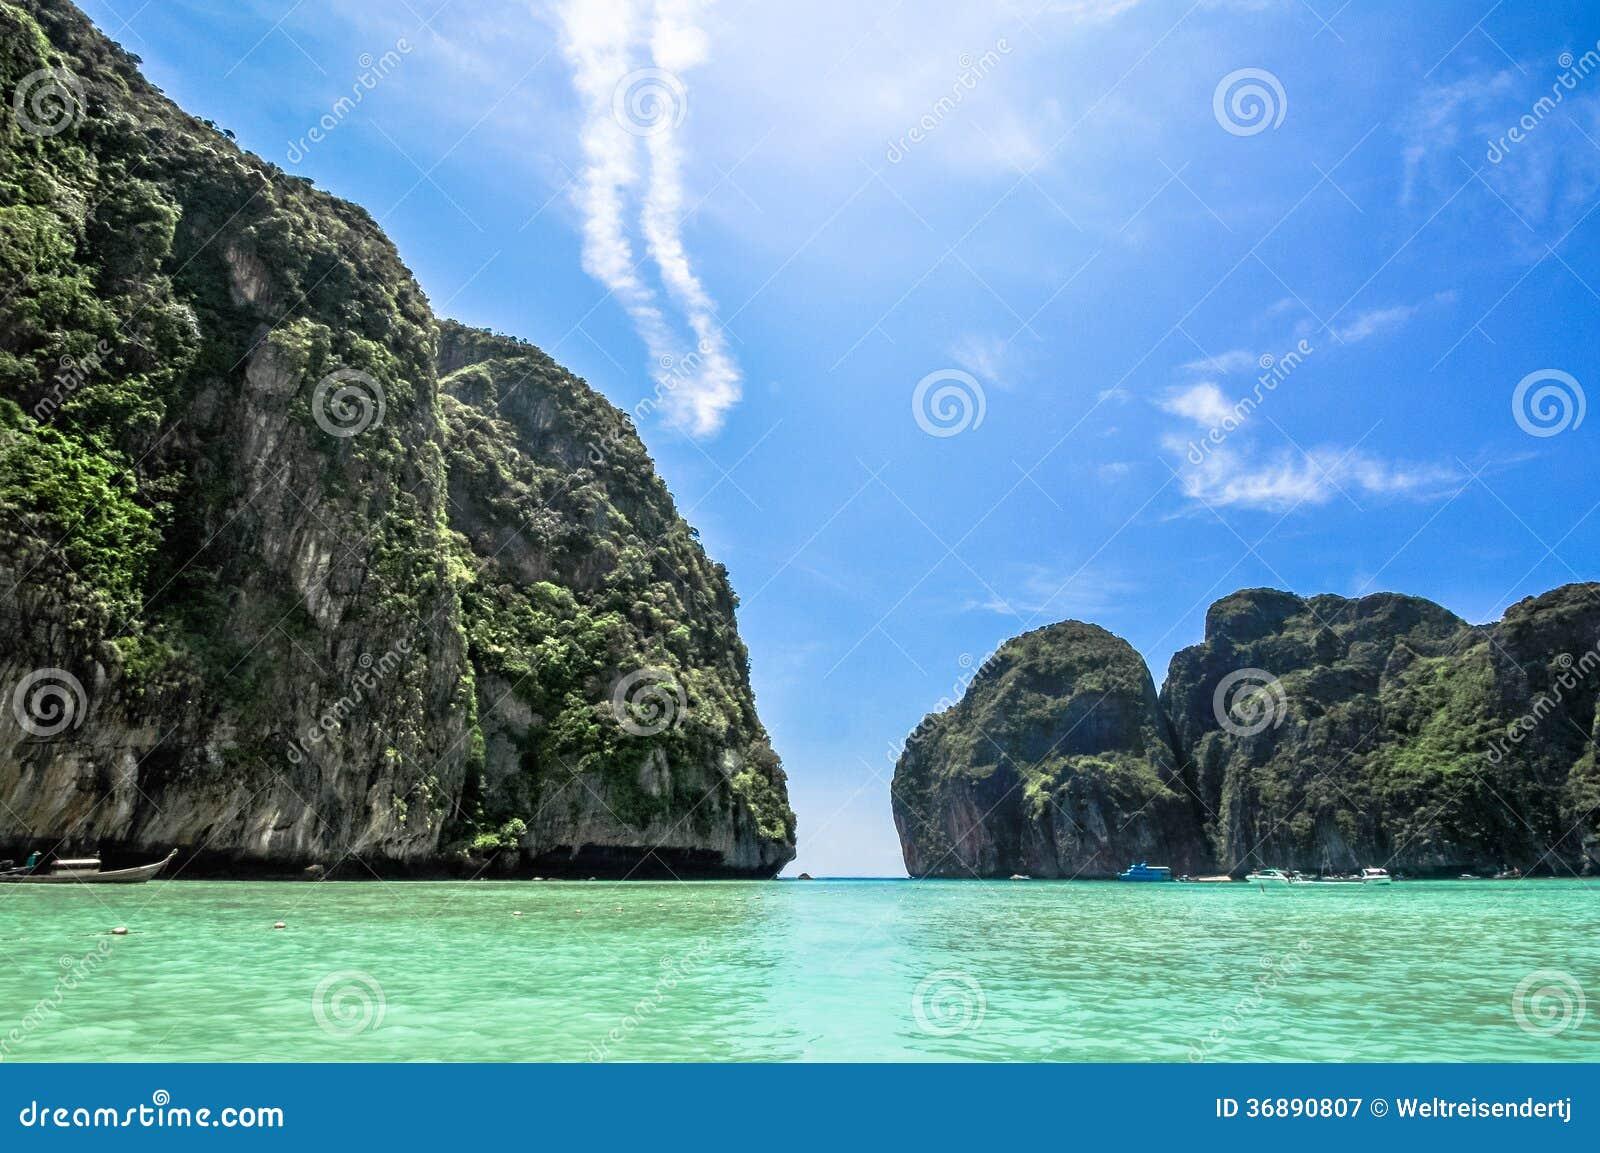 Download Maya Bay, Koh Phi Phi, Tailandia. Il Posto Da Essere. Immagine Stock - Immagine di esterno, laguna: 36890807